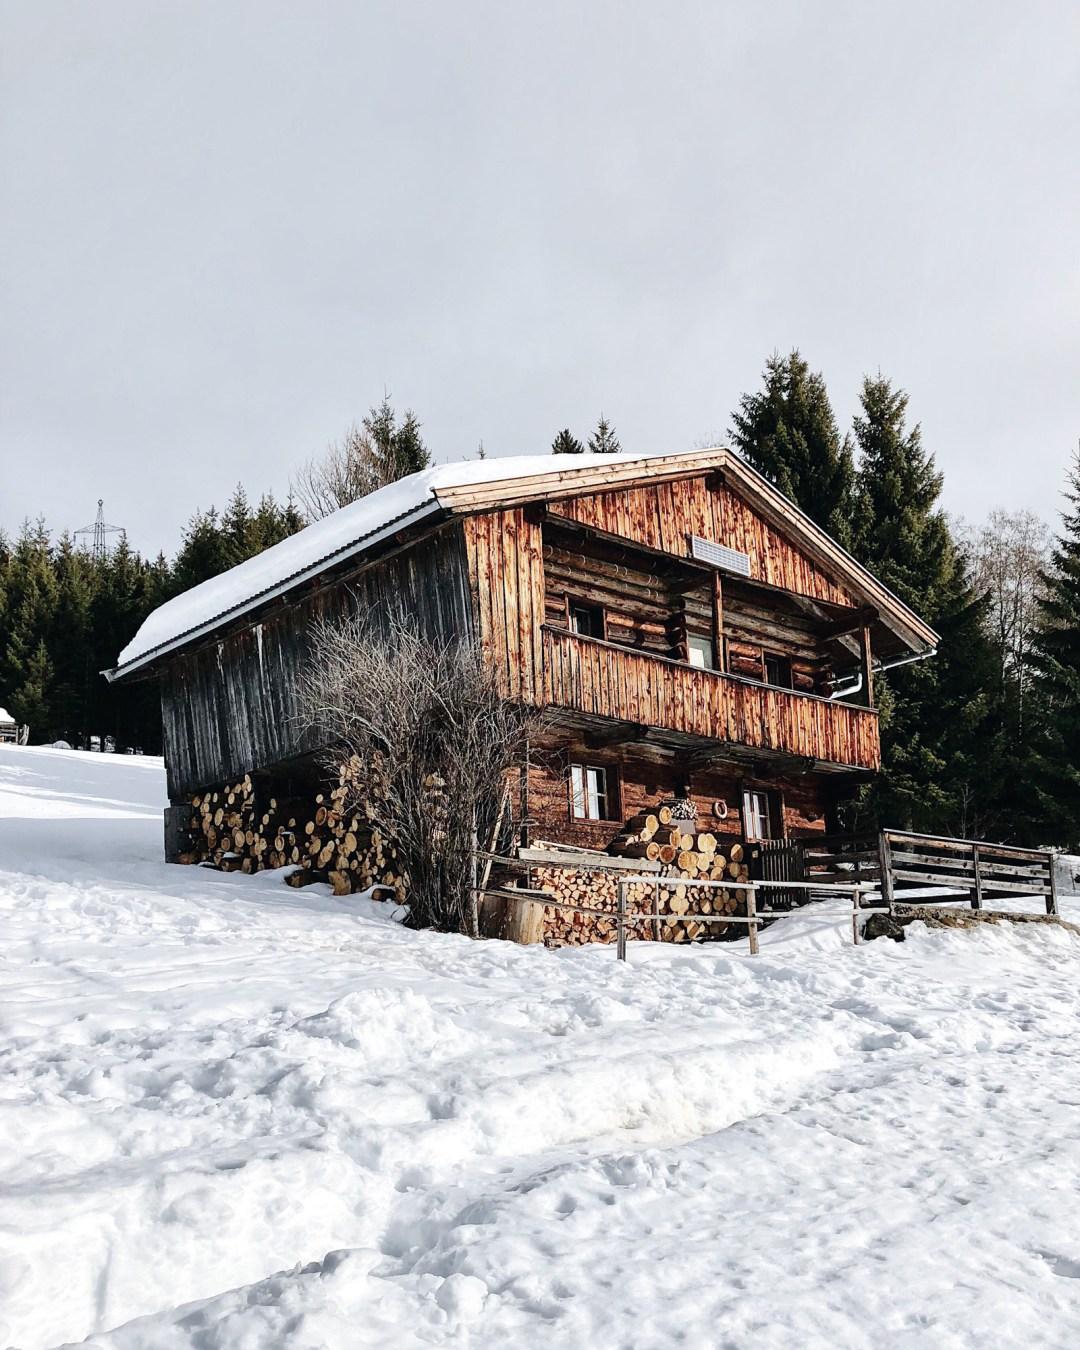 inastil, Ü50Blogger, Skiurlaub, Tirol, skifahren, Reiseblogger, Urlaub in Österreich, Skitage, Bergblick, Ausblick, Skiregion Brixental Wilder Kaiser, Skimode-35